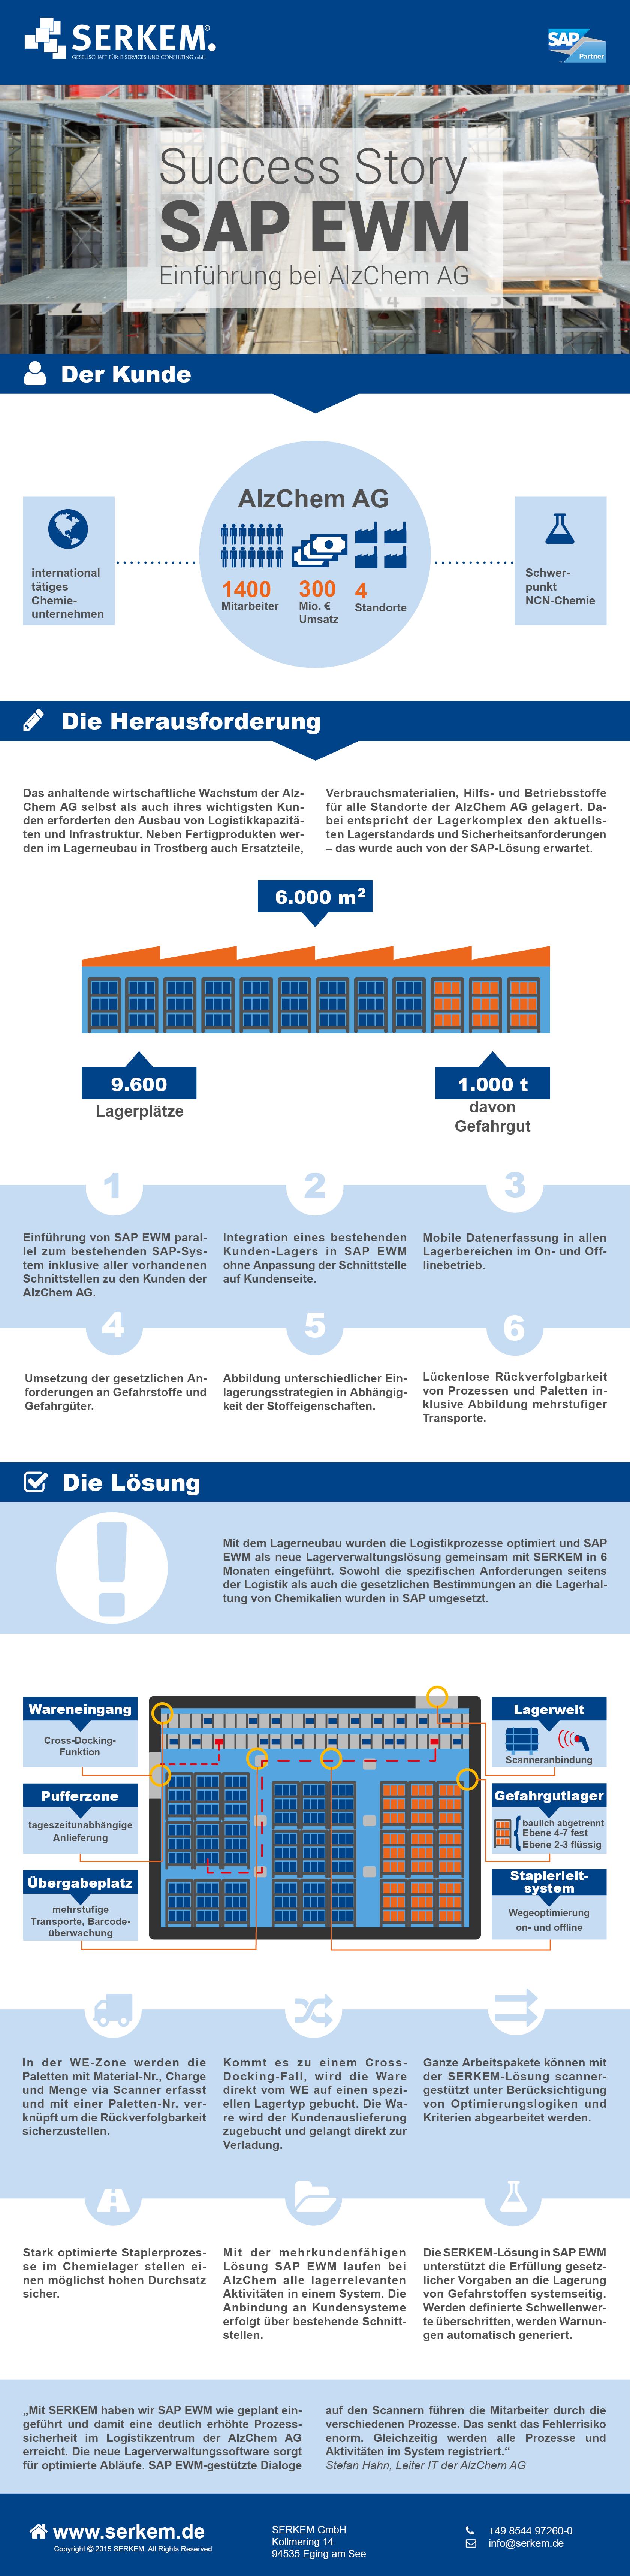 Einführung von SAP EWM bei der AlzChem AG: Cross-Docking ...